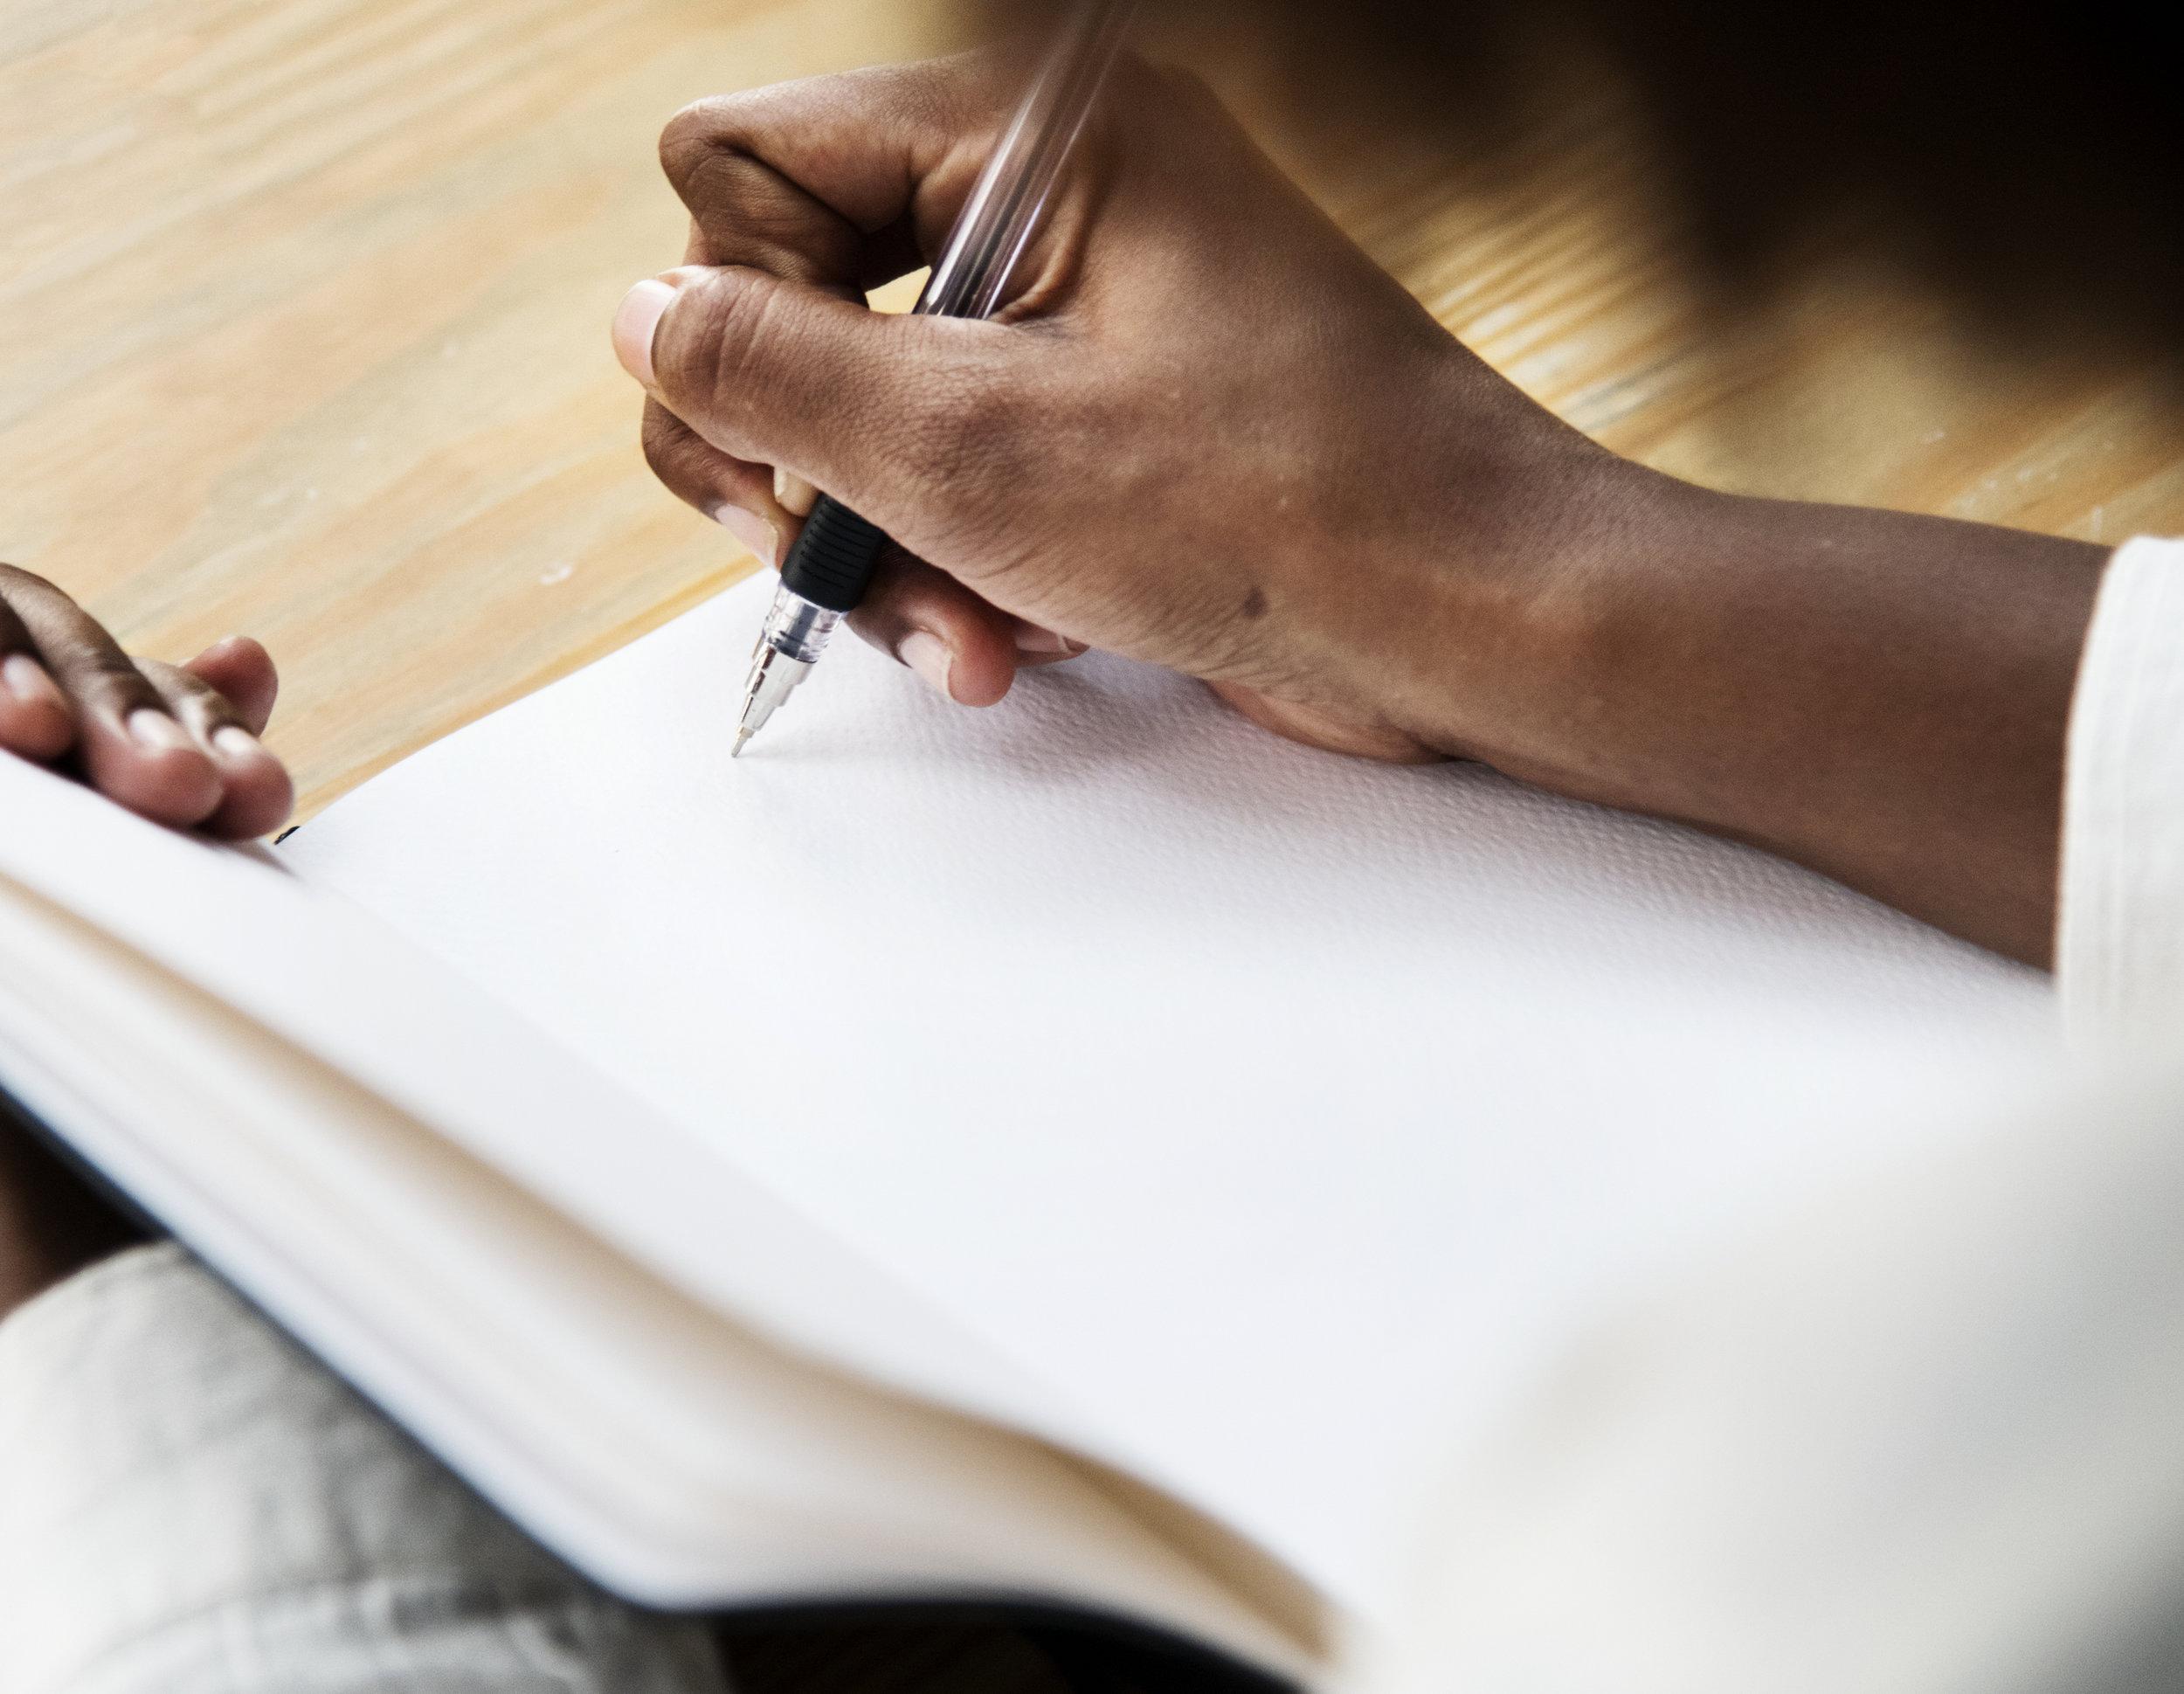 journal hands.jpg